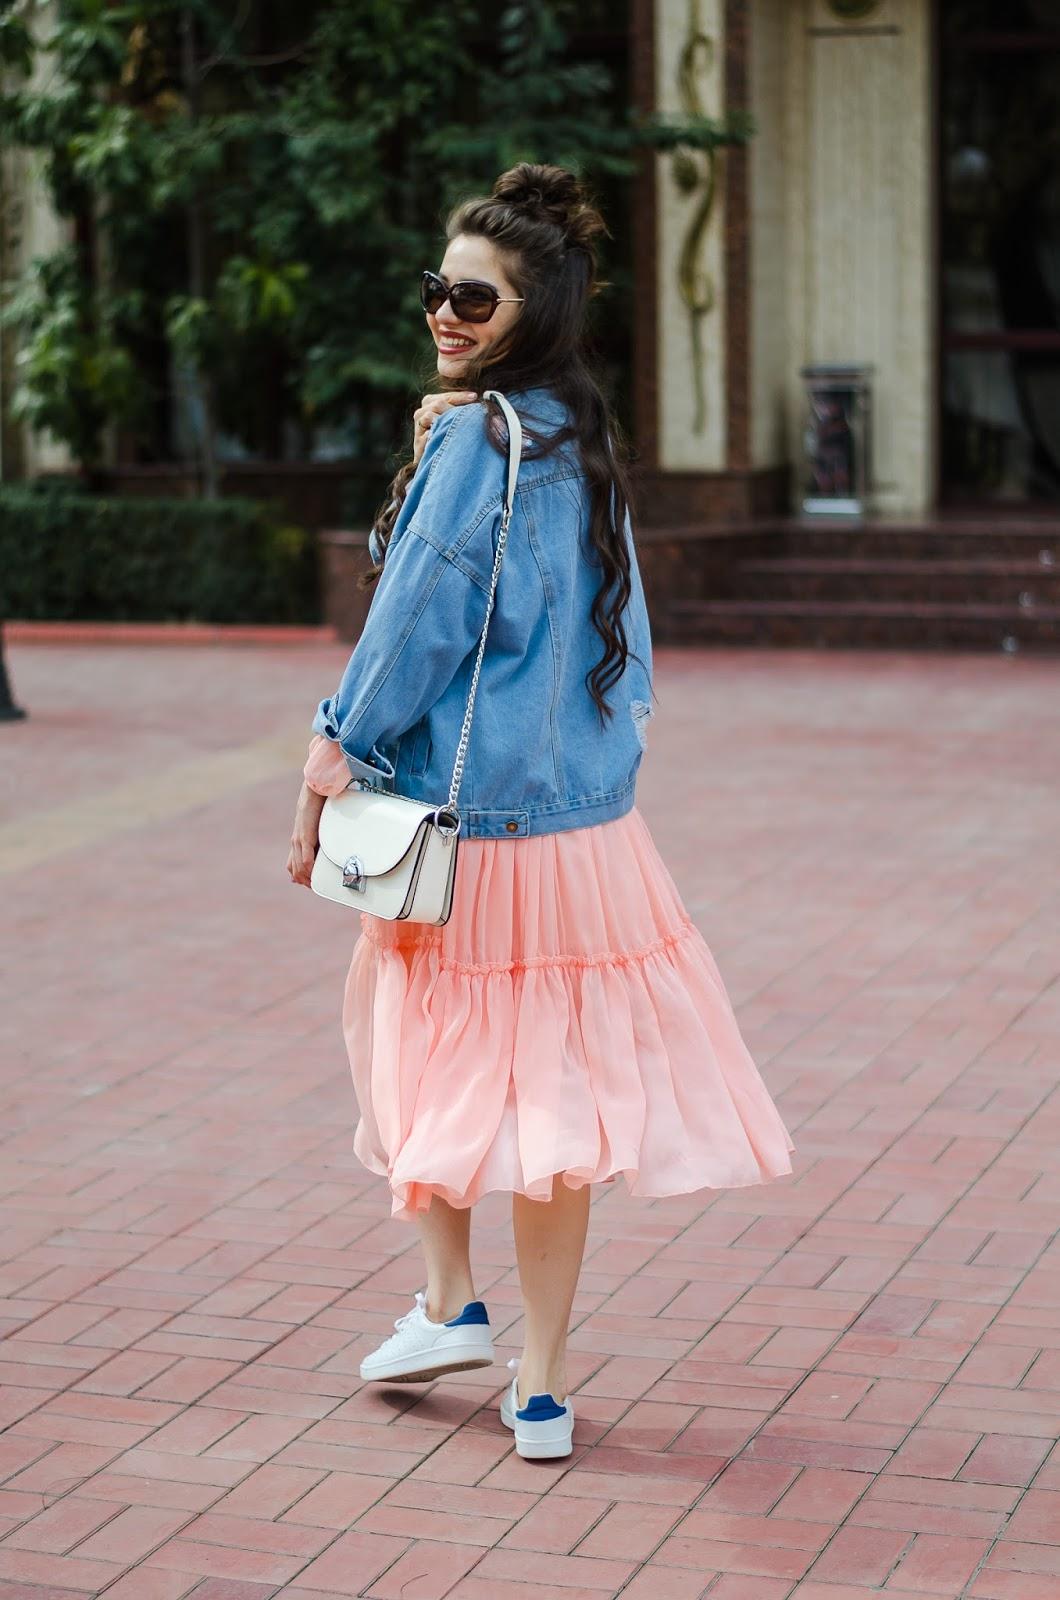 fashion blogger diyorasnotes diyora beta pink midi dress ruffles white sneakers denom jacket romwe white bag curly hair